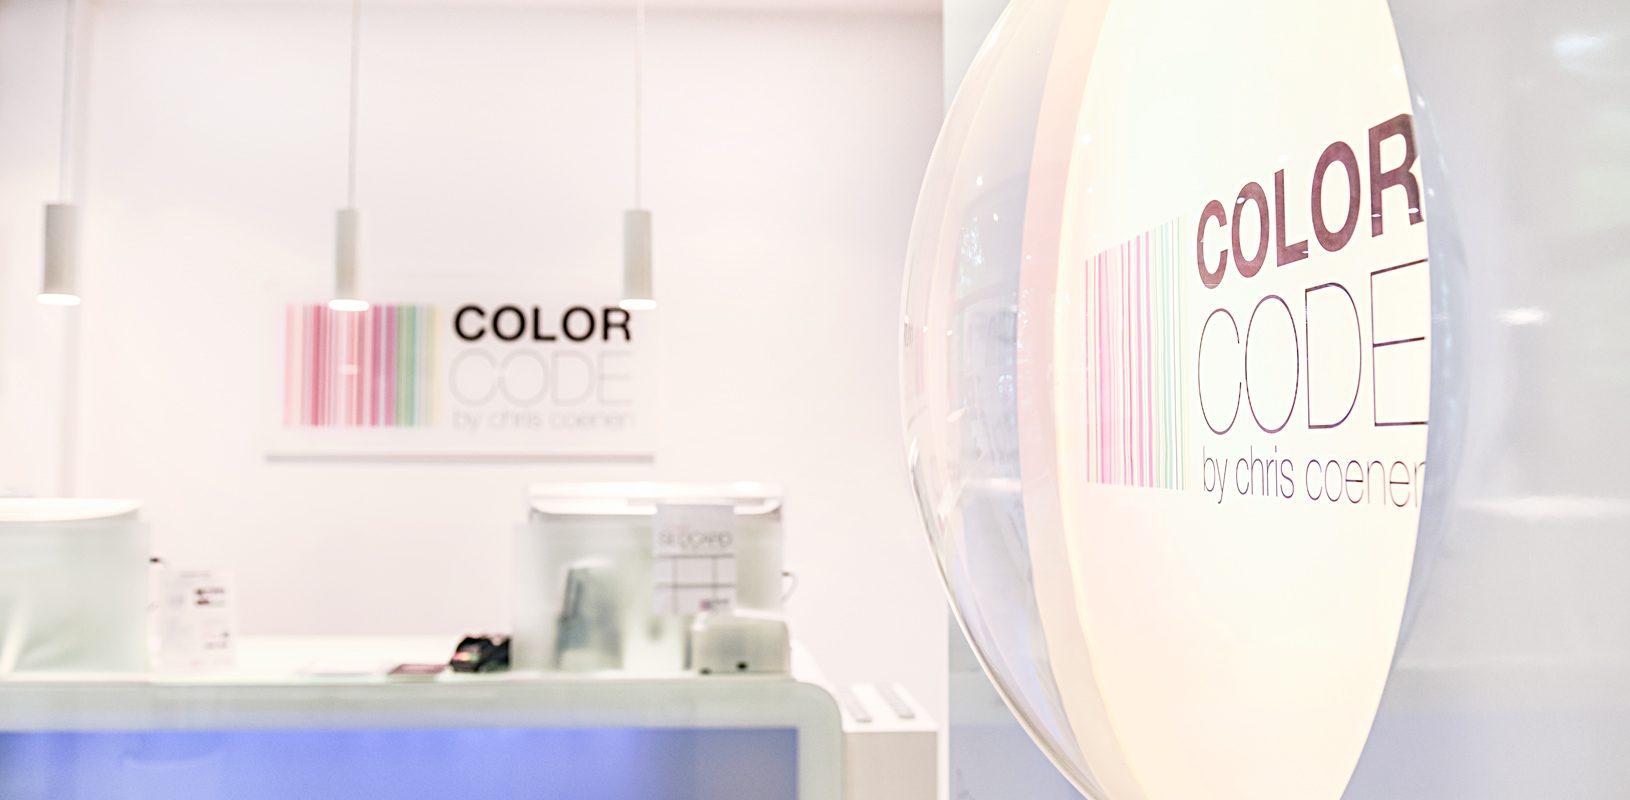 COLOR CODE by chris coenen | Friseur in Korschenbroich